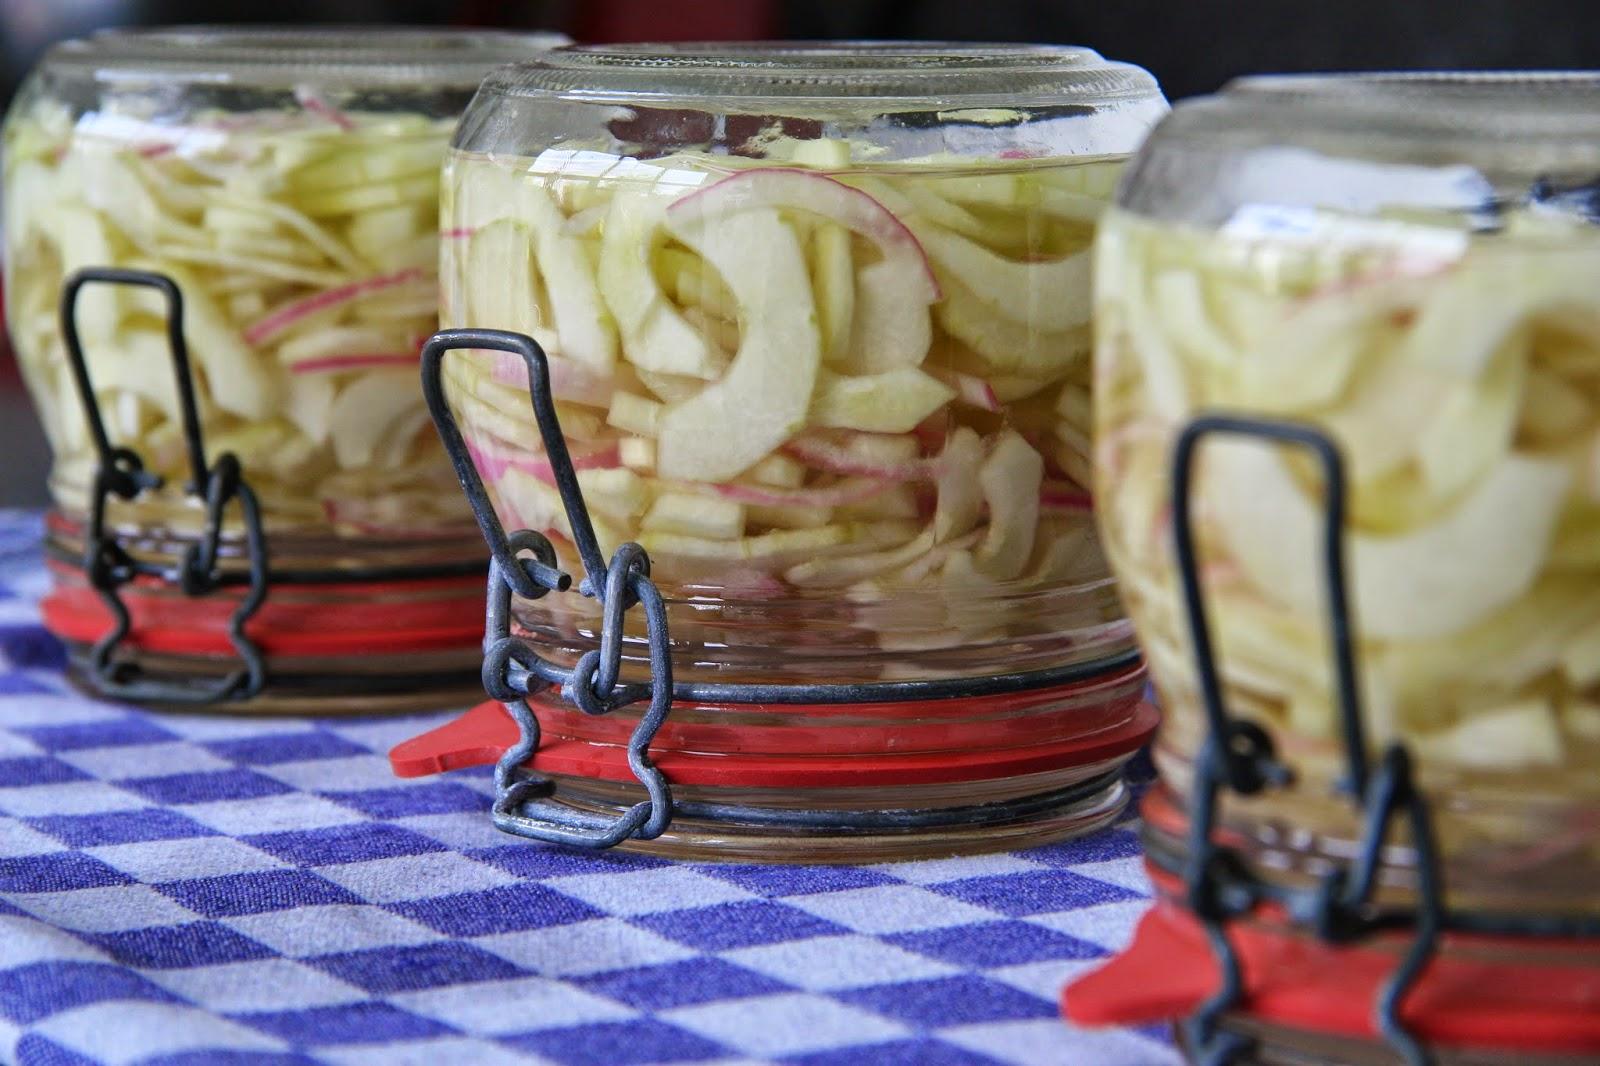 De keuken van johanna pittige komkommer in zoetzuur - De komkommers ...